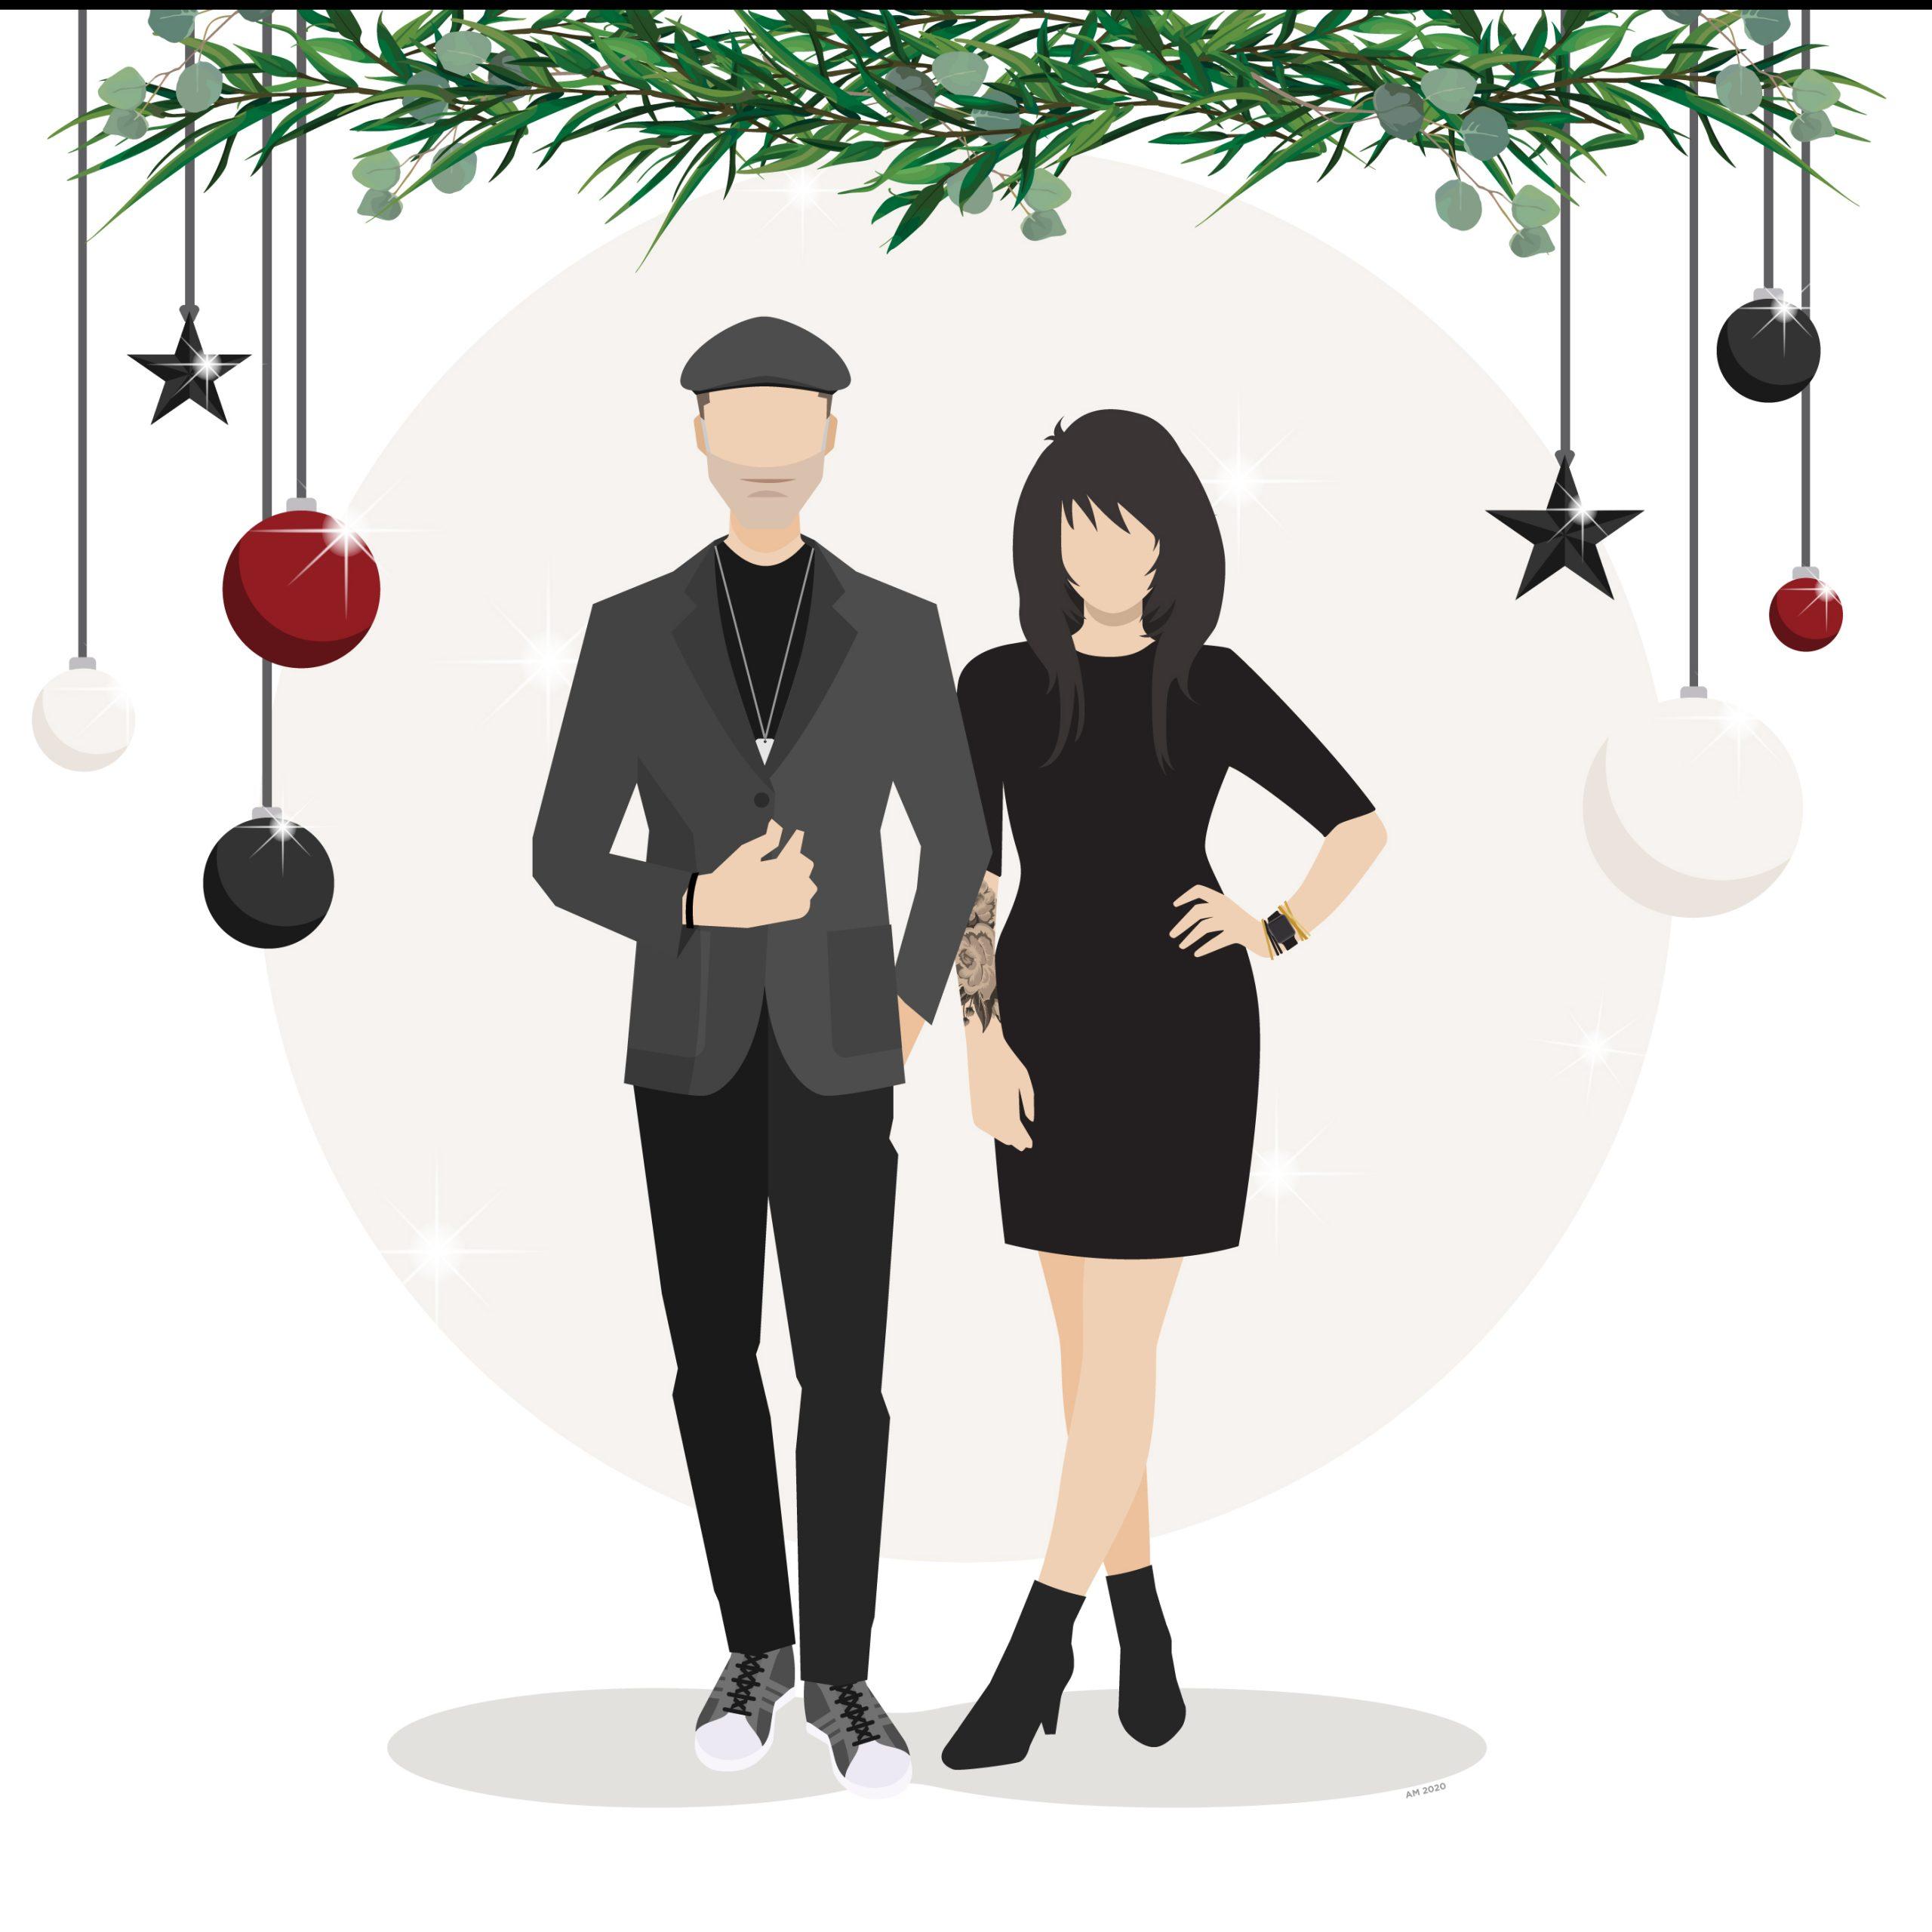 Happy Holidays from John + Amanda